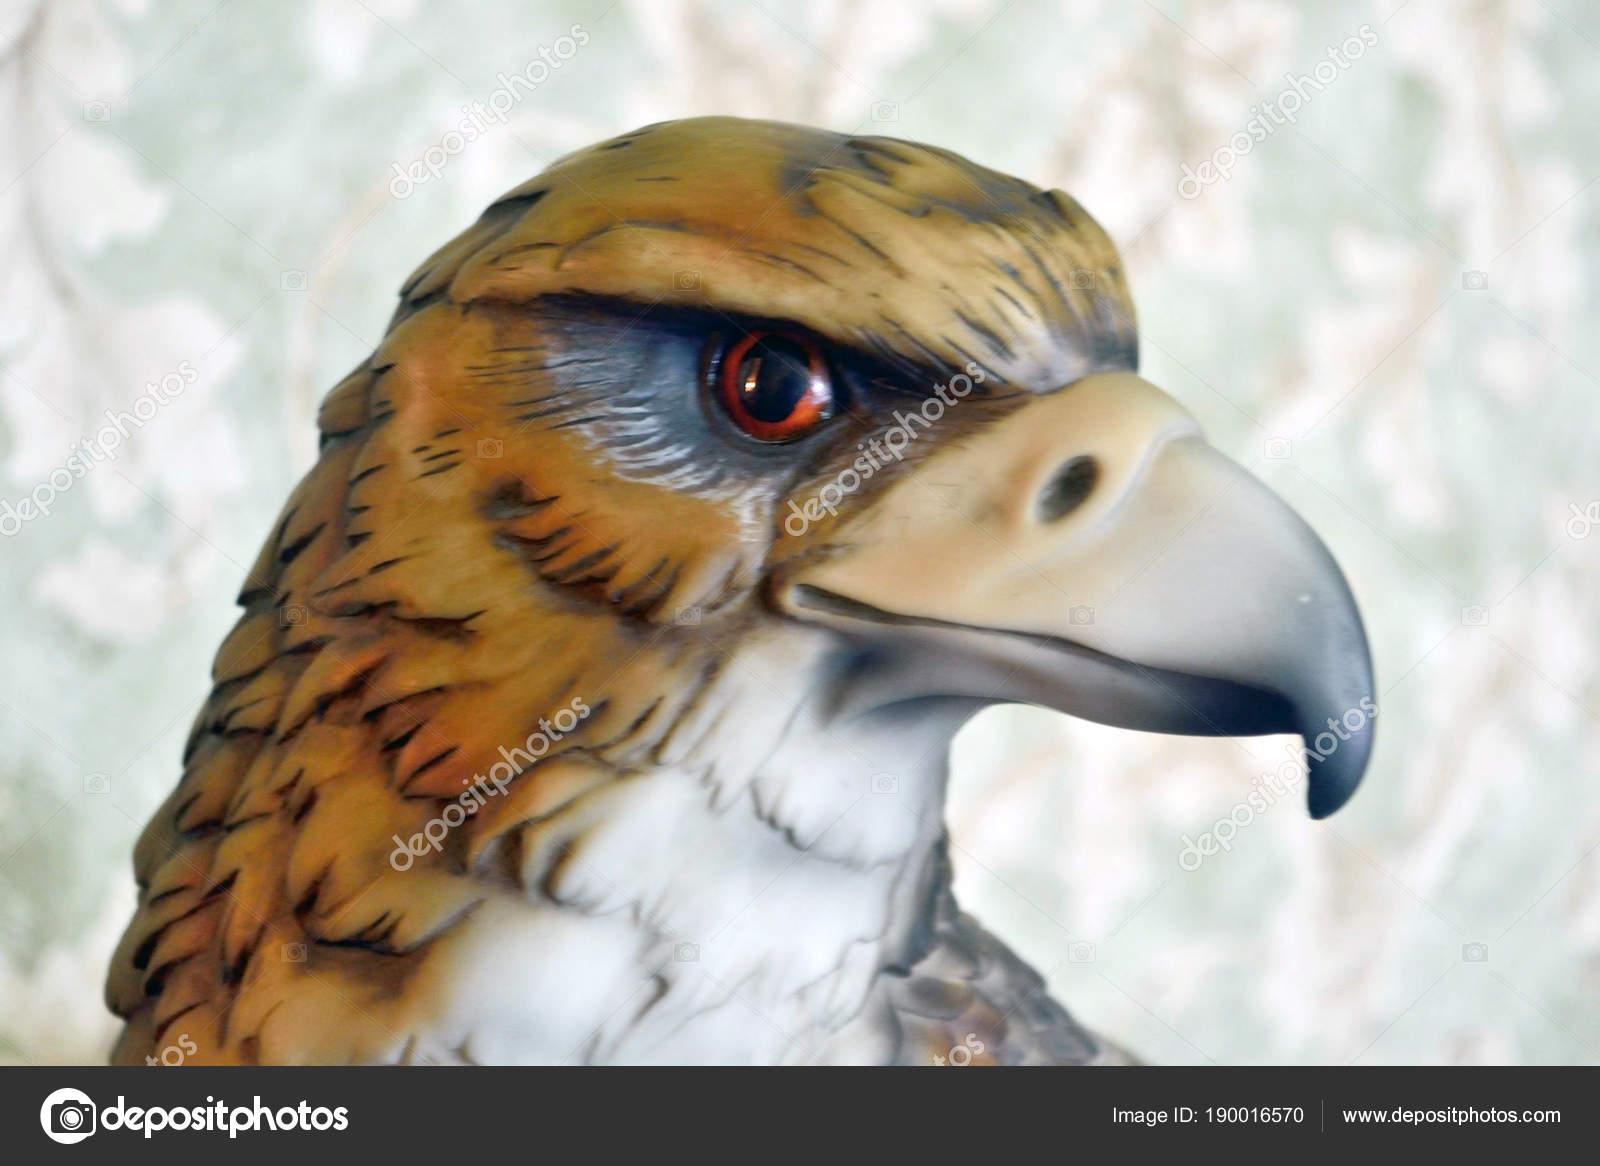 Hoofd van de adelaar model interieur u2014 stockfoto © avtor hell